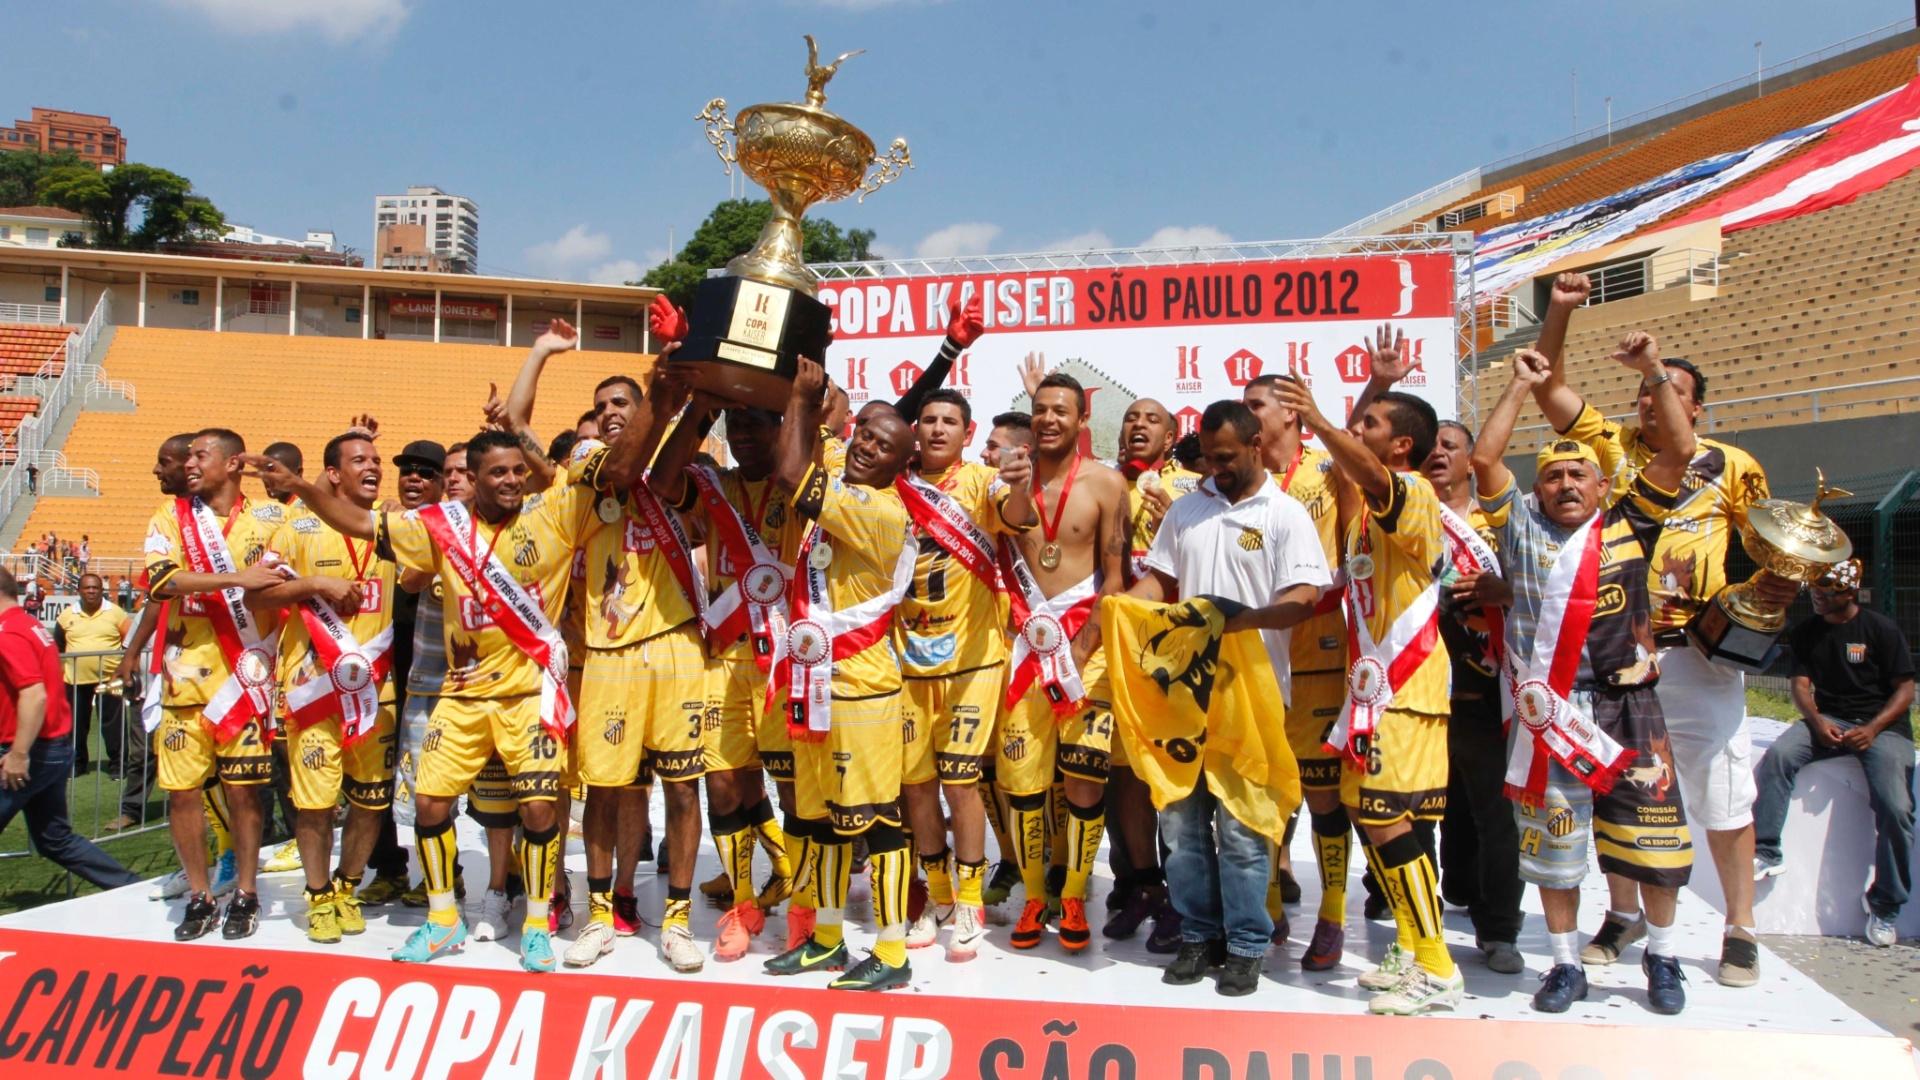 Jogadores do Ajax comemoram após a vitória por 2 a 1 sobre a Turma do Baffô na final da Copa kaiser